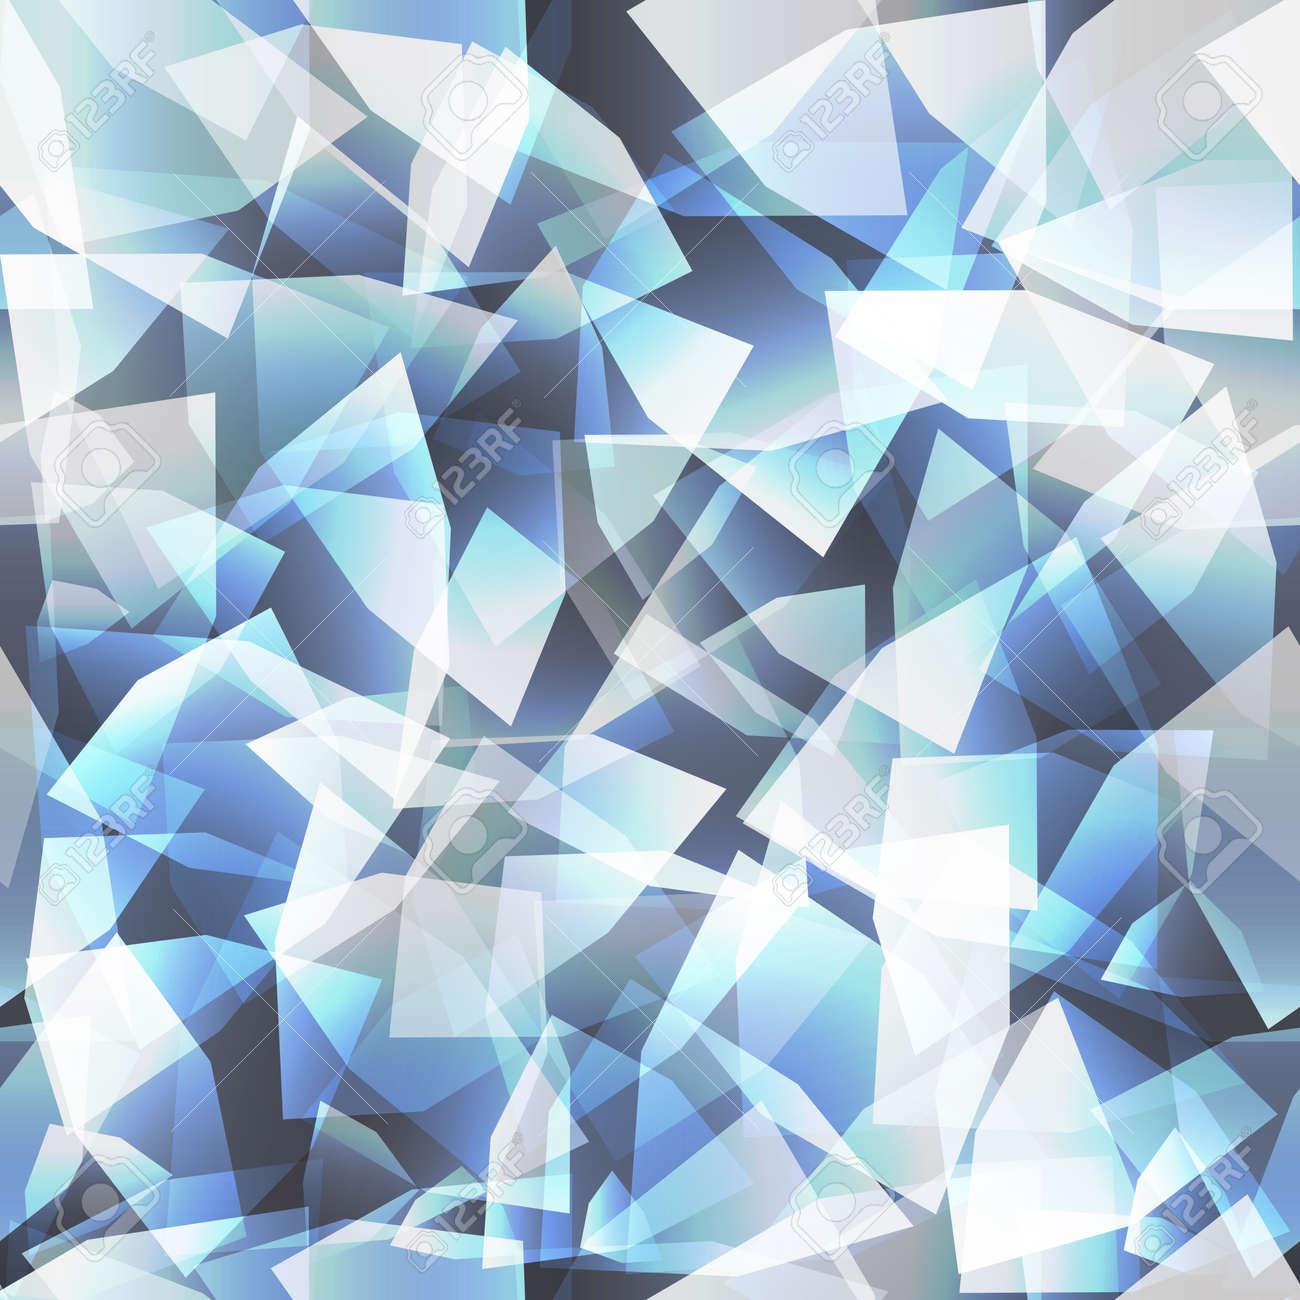 Diamond seamless pattern, vector illustration, eps10 Stock Vector - 15846834